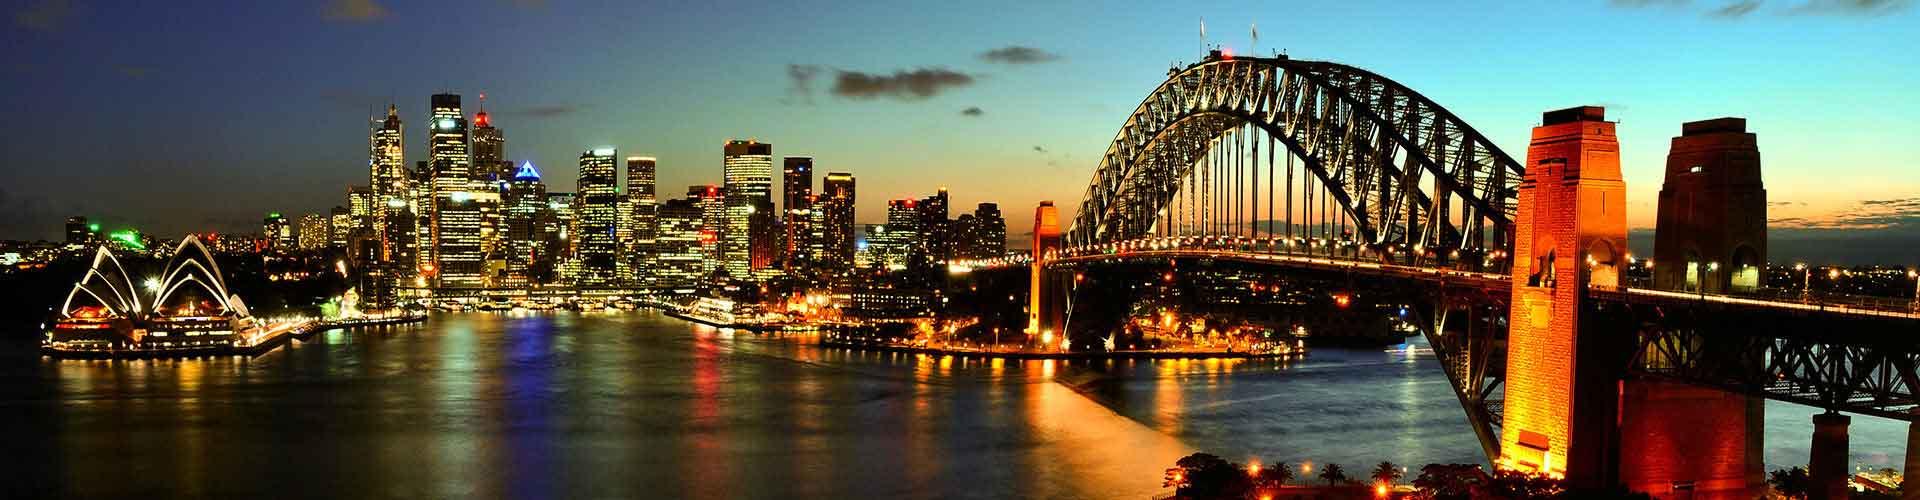 Sydney - Hoteles baratos en el distritoSydney CBD. Mapas de Sydney, Fotos y Comentarios para cada hotel en Sydney.